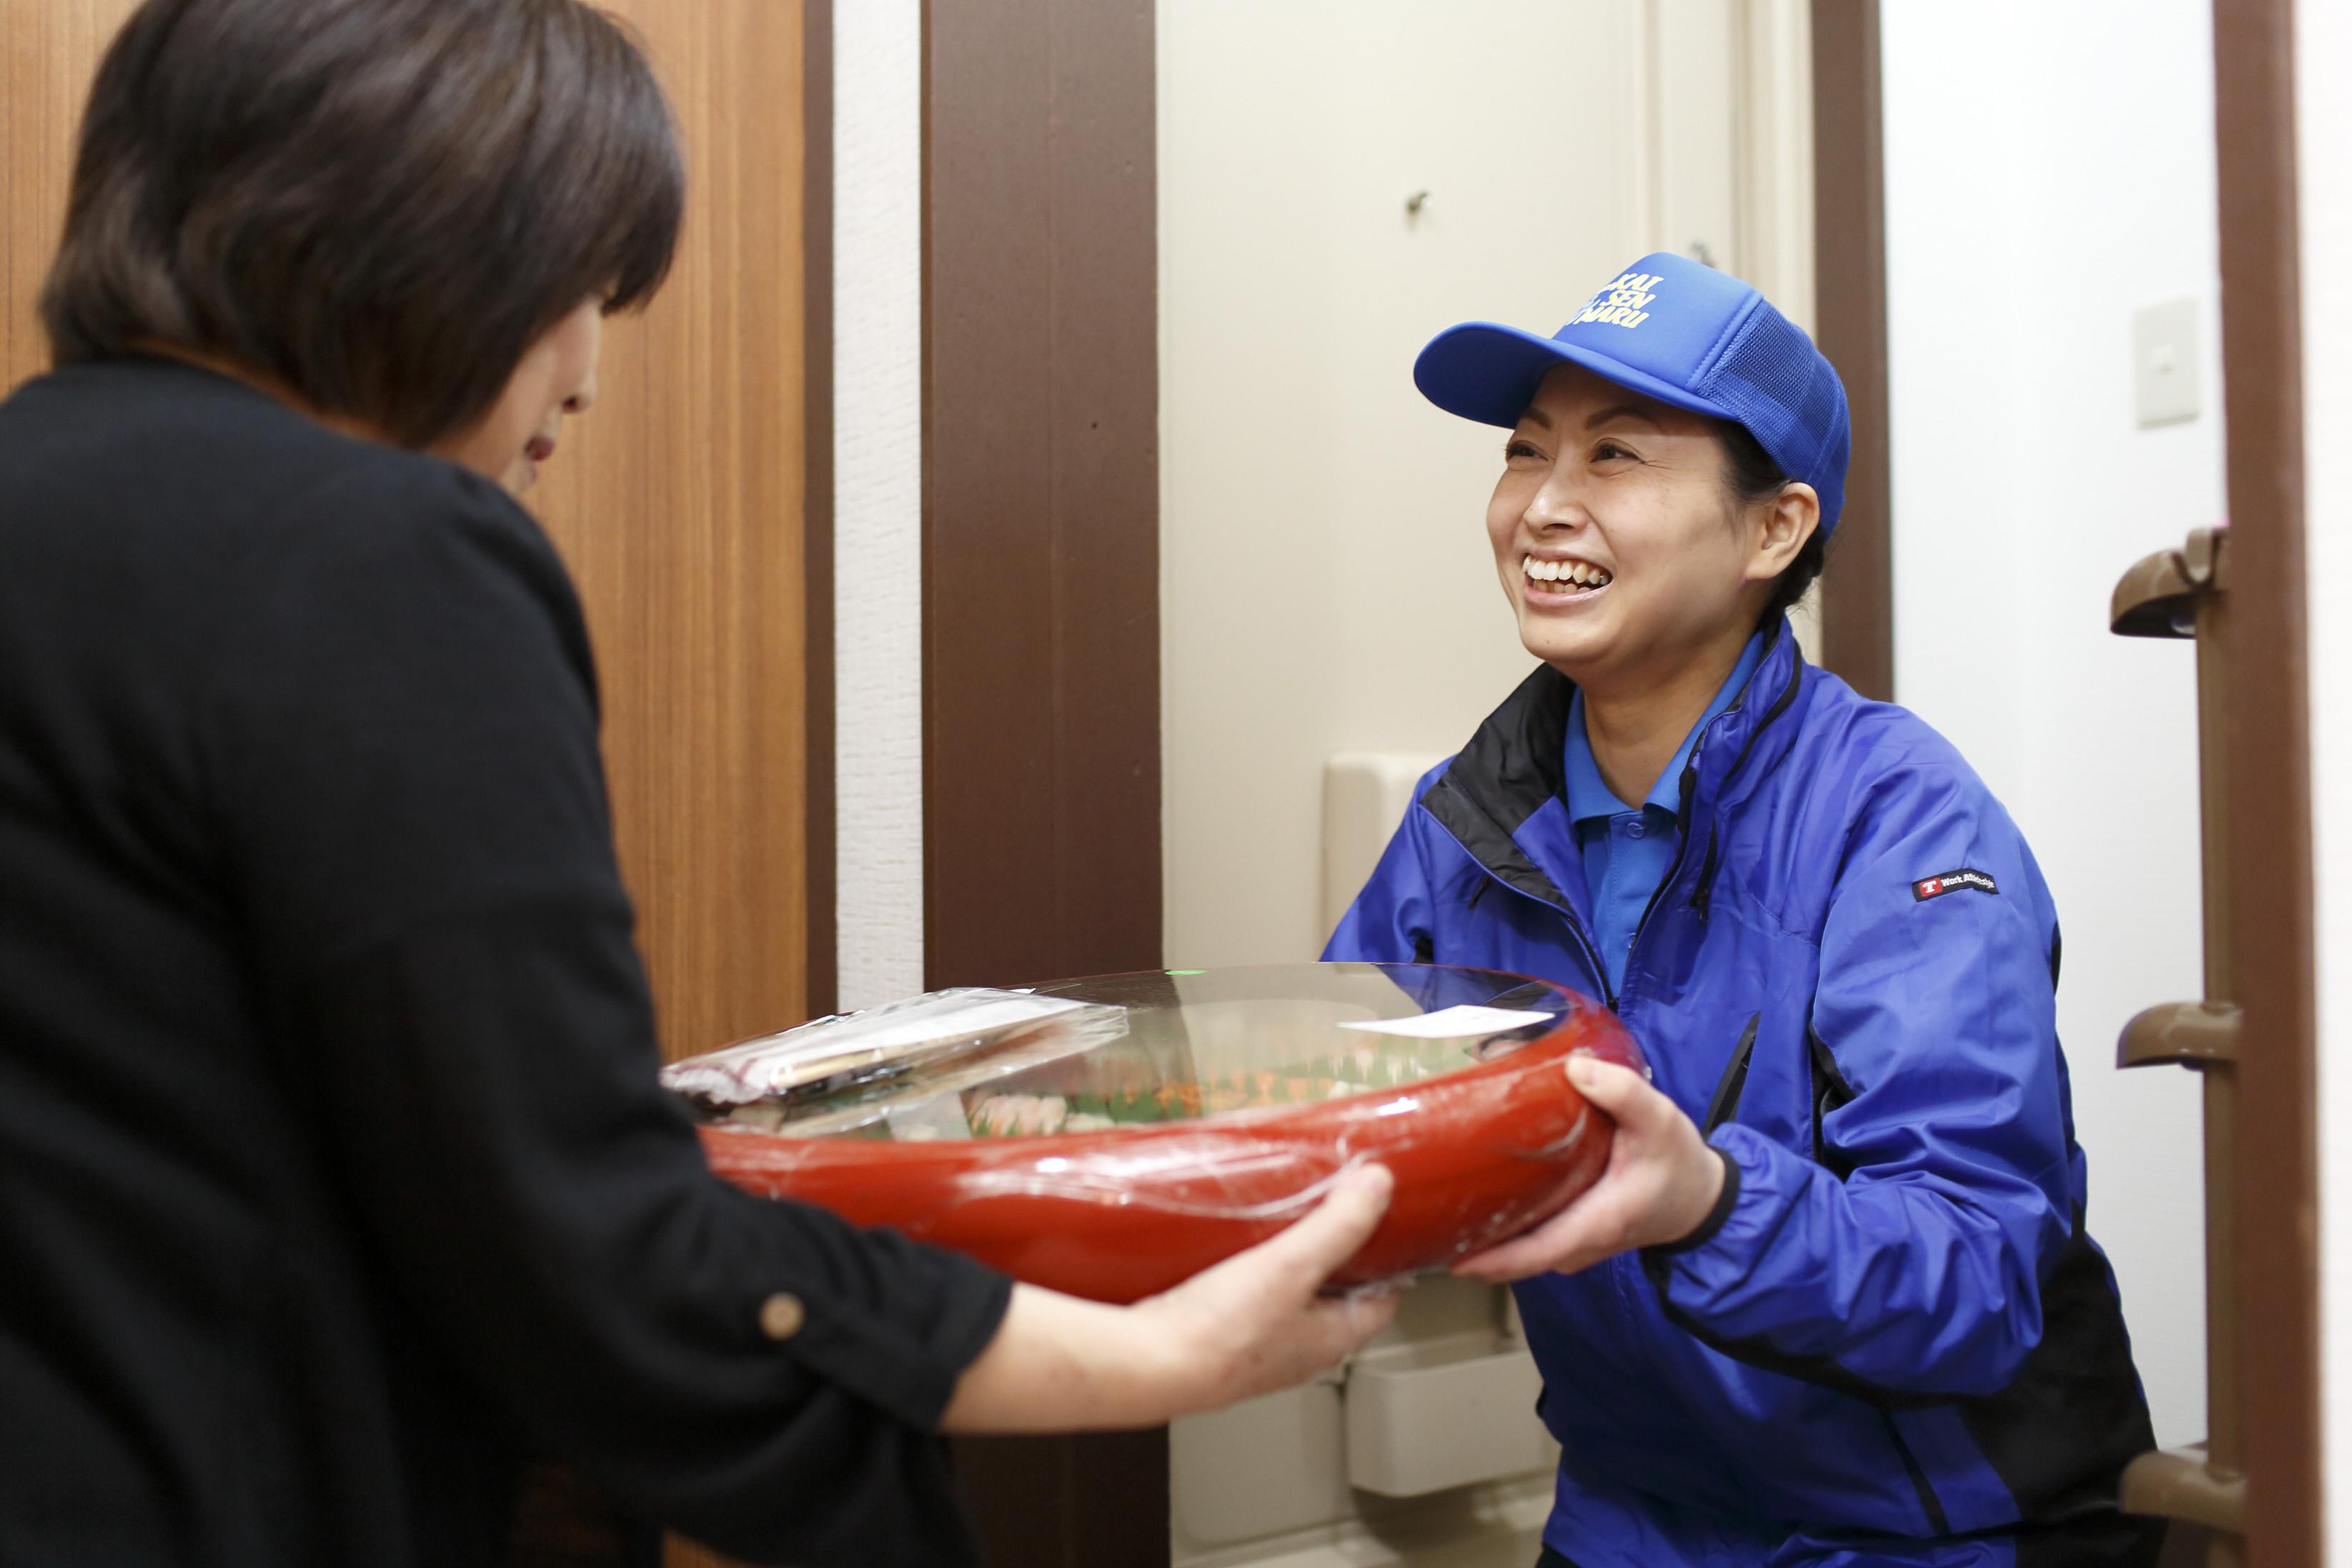 札幌海鮮丸 網走店 デリバリー(配達)スタッフのアルバイト情報